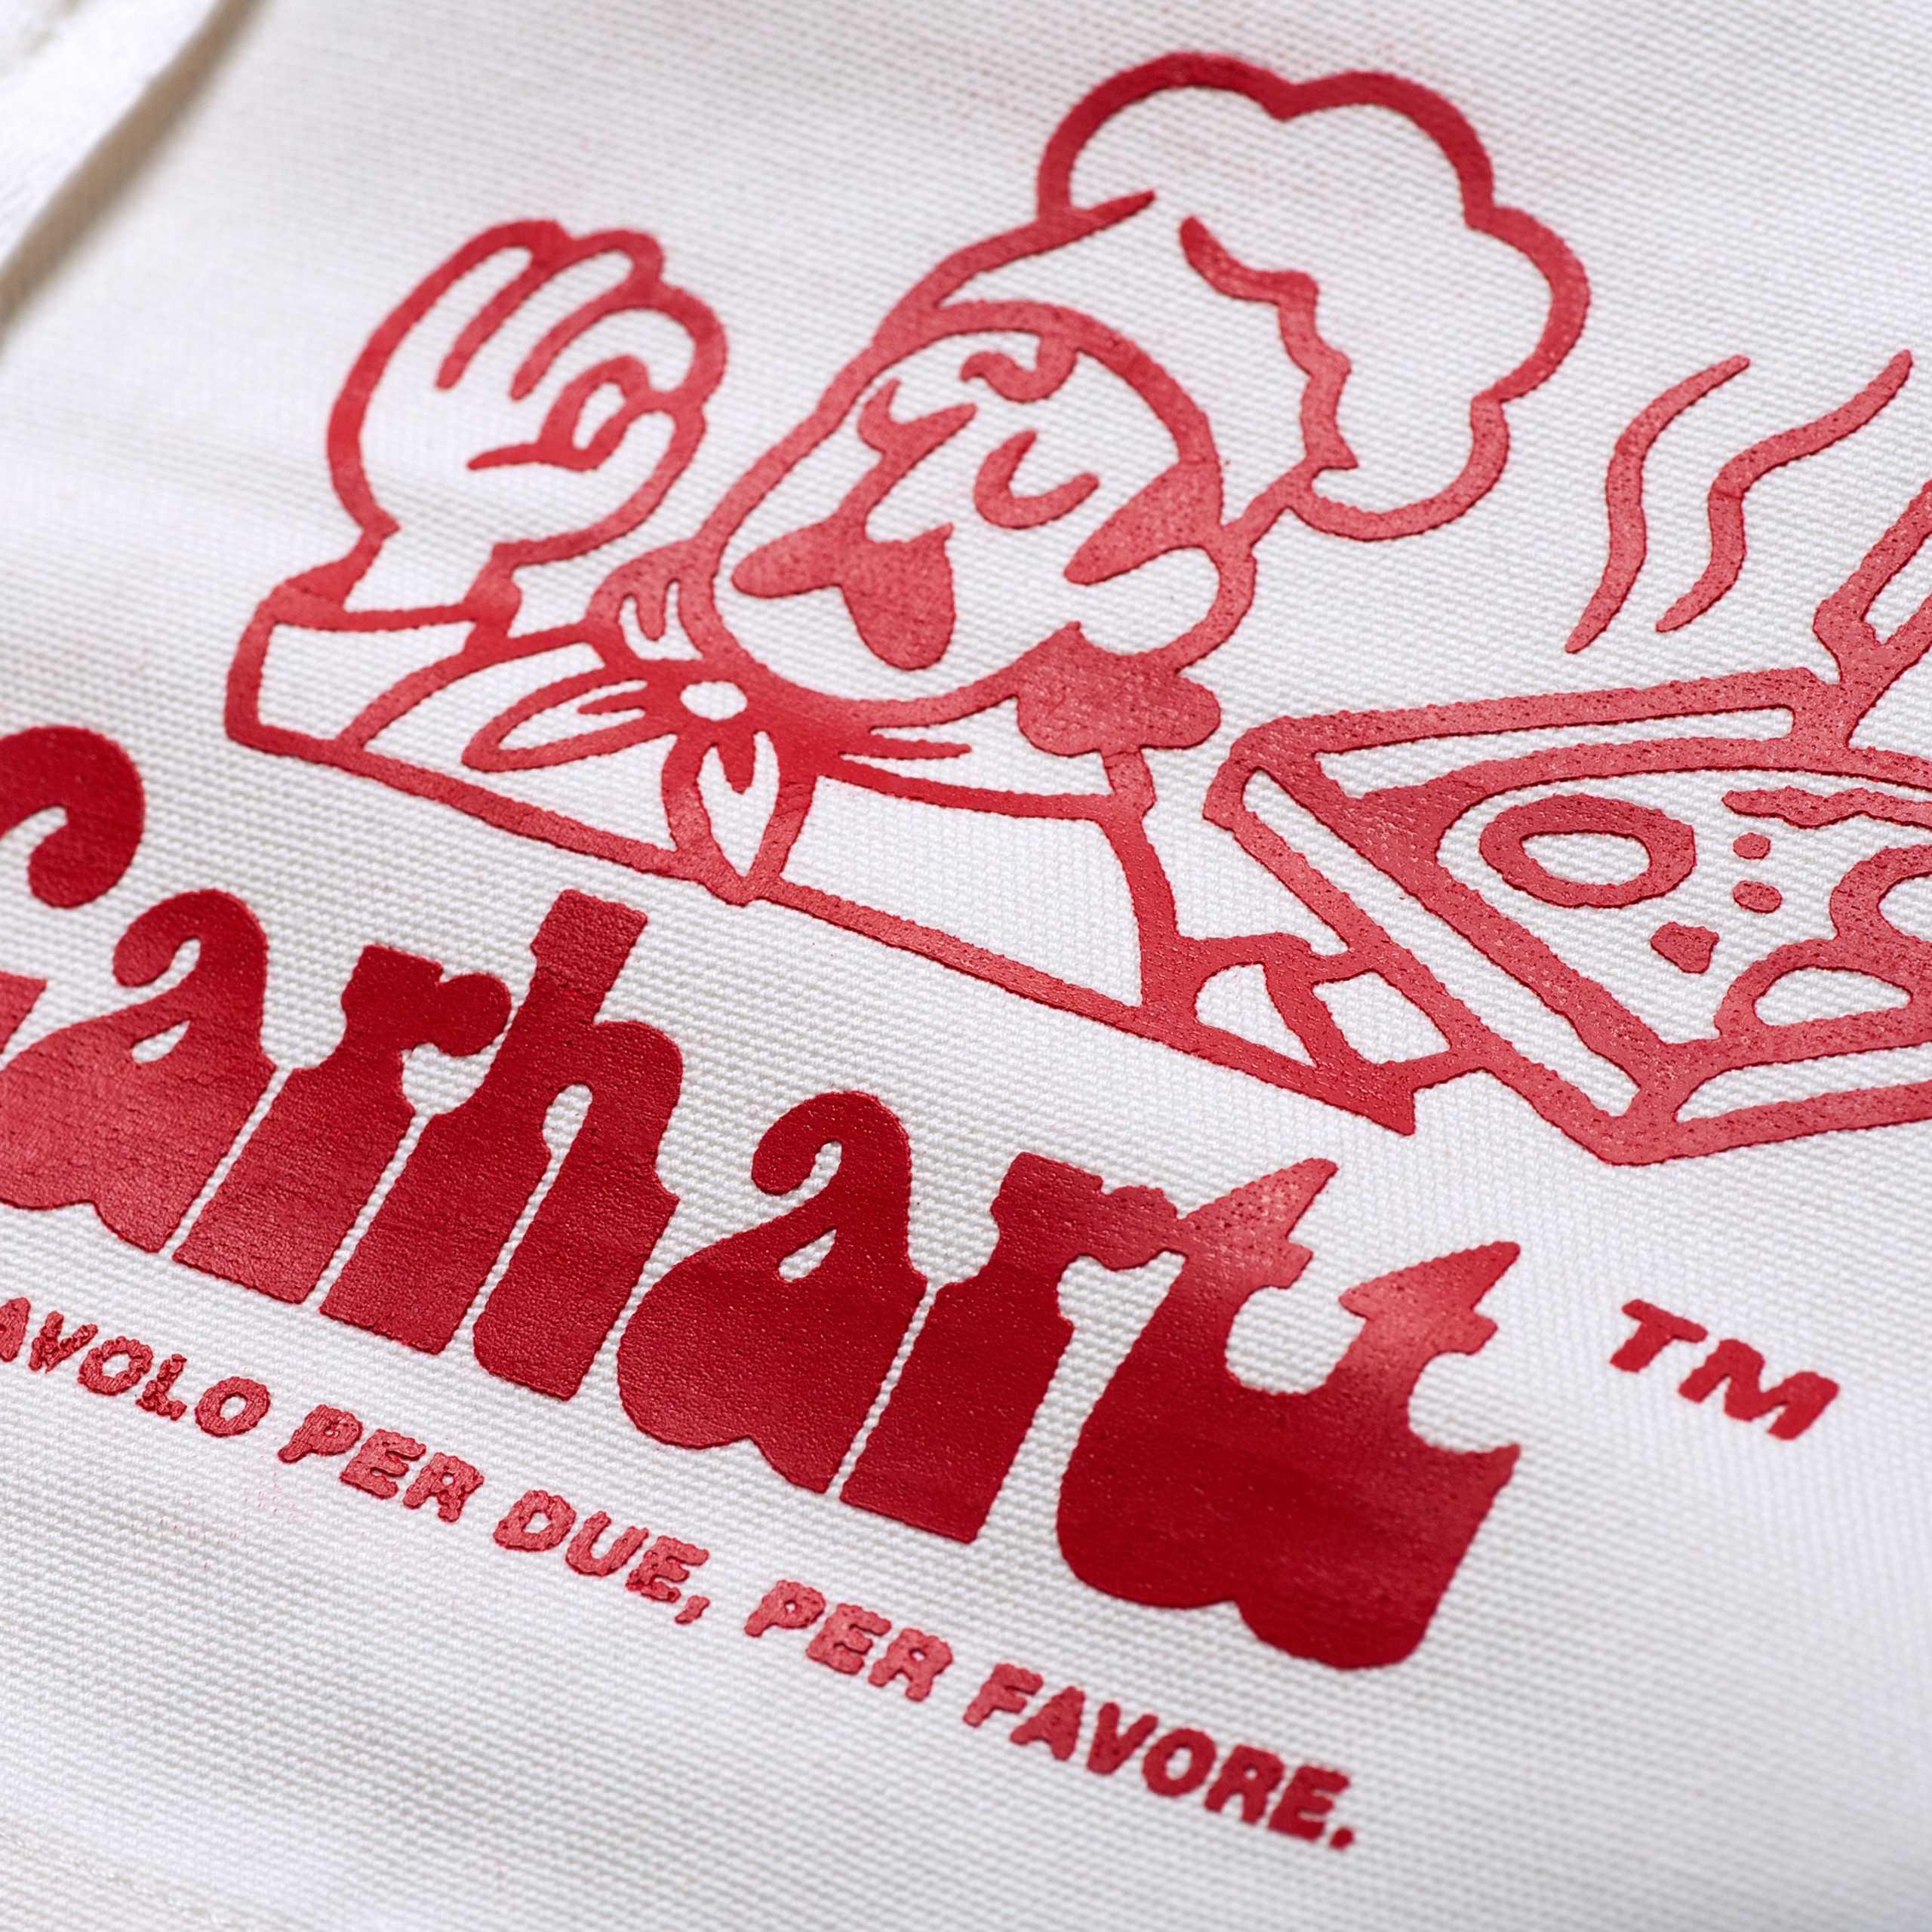 Carhartt casa - neomag.